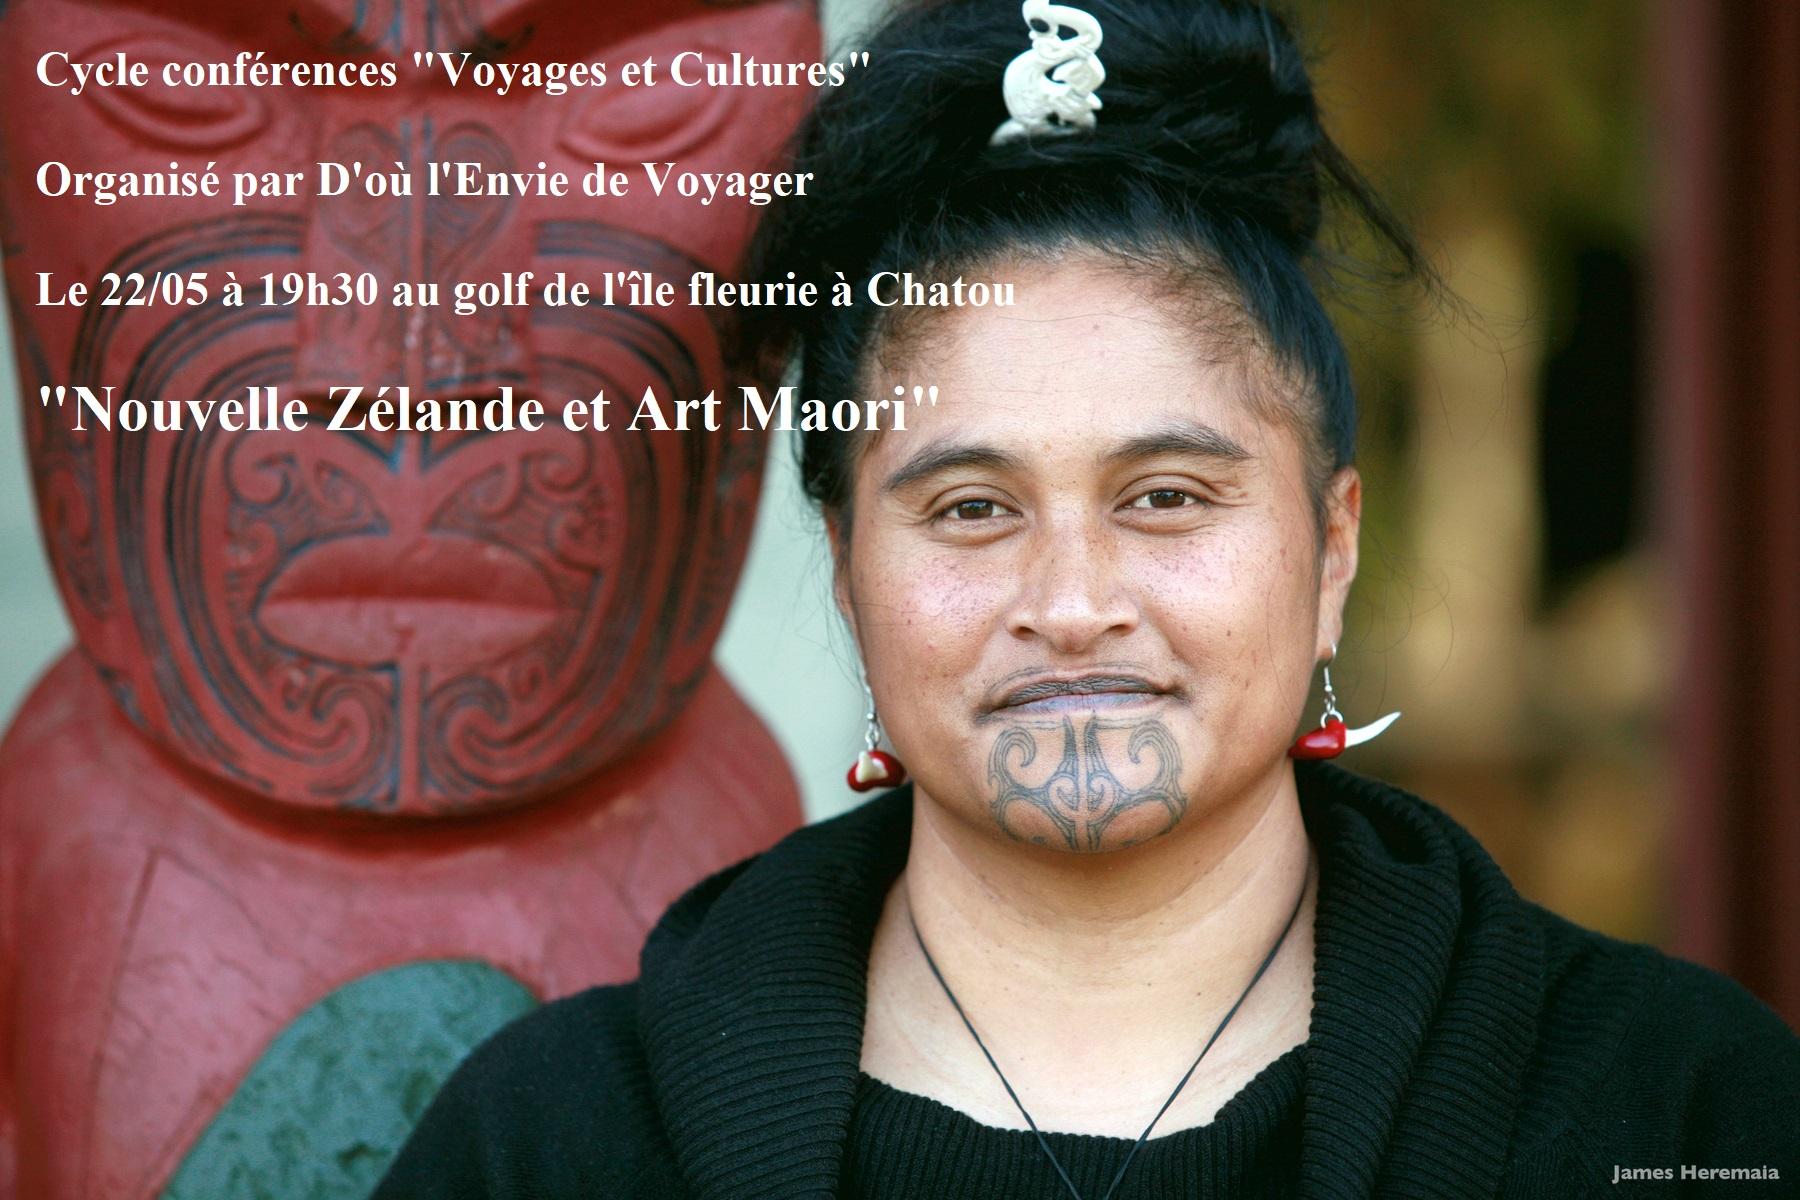 Conférence NZ et maori - le 2205